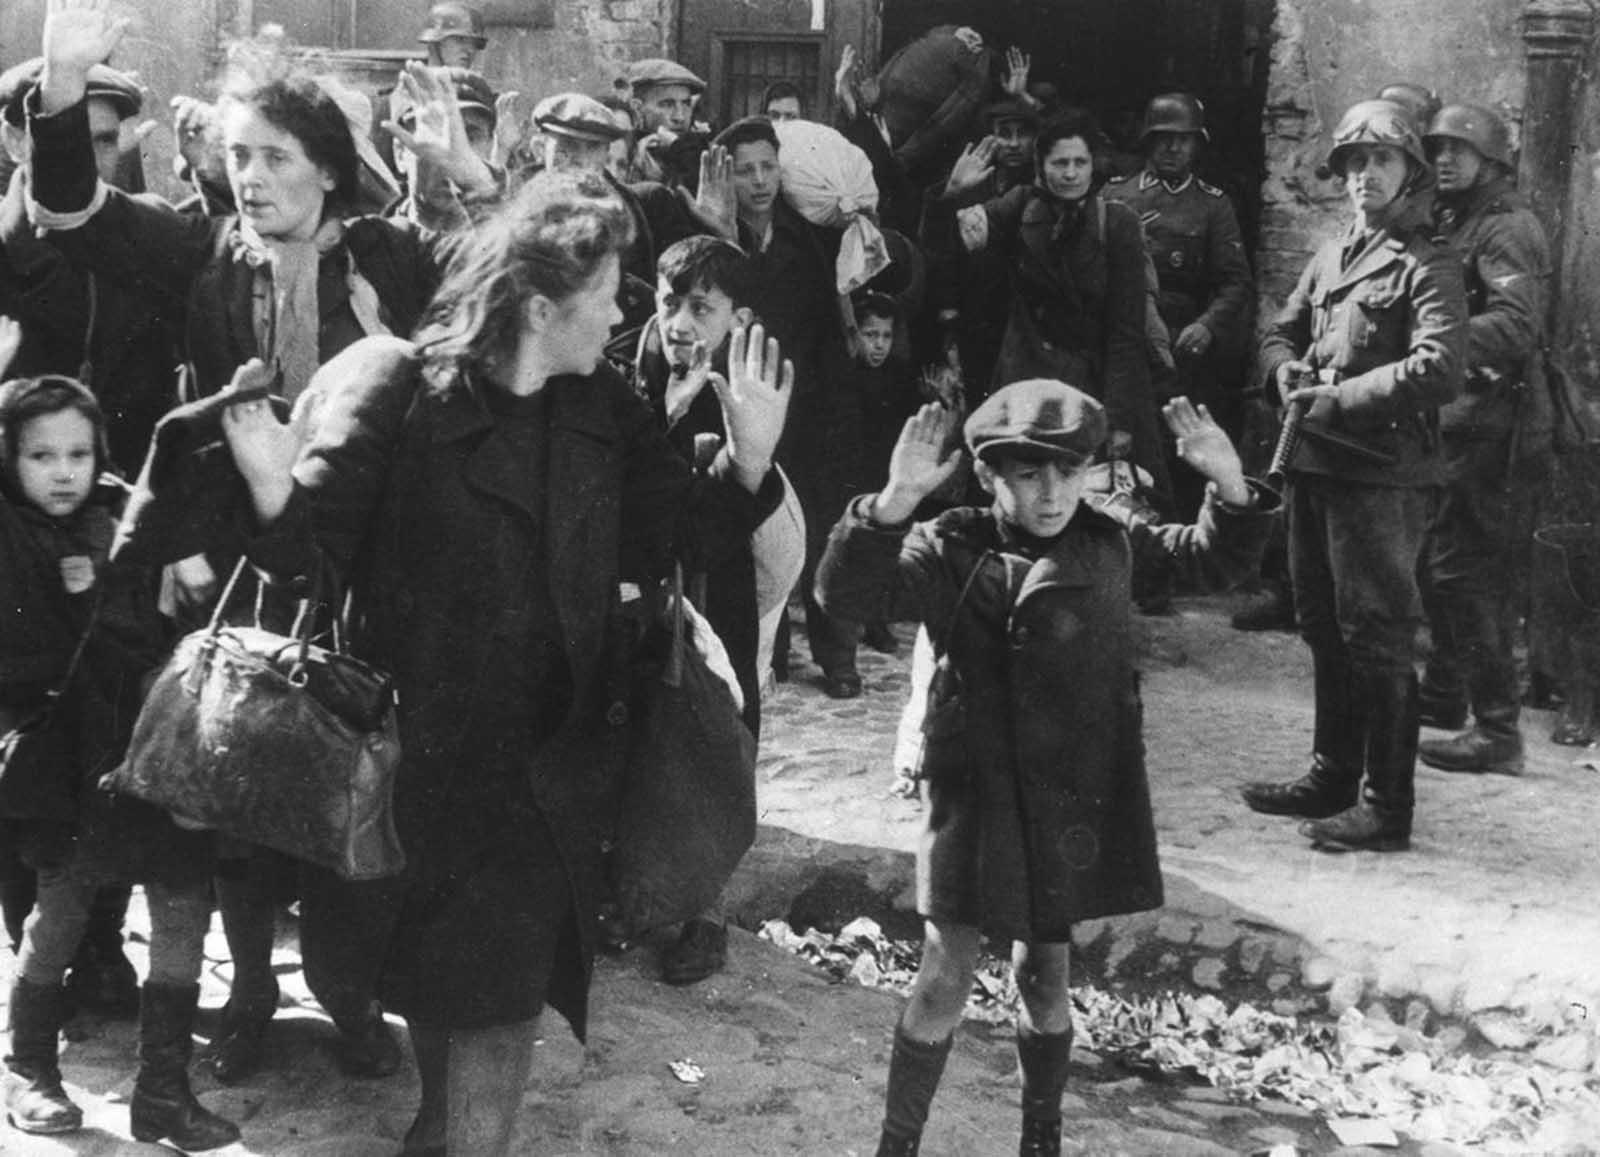 """<div>19 април 1943 г.: Група евреи, сред които и малко момче, са отведени от Варшавското гето от германски военни.</div>  <div><a href=""""https://www.vesti.bg/lyubopitno/istoriata-pomni/vizhte-edno-ot-naj-golemite-prestypleniia-na-nacistite-6065961"""">Разберете повече за Живота във Варшавското гето по време на Втората световна война</a></div>"""